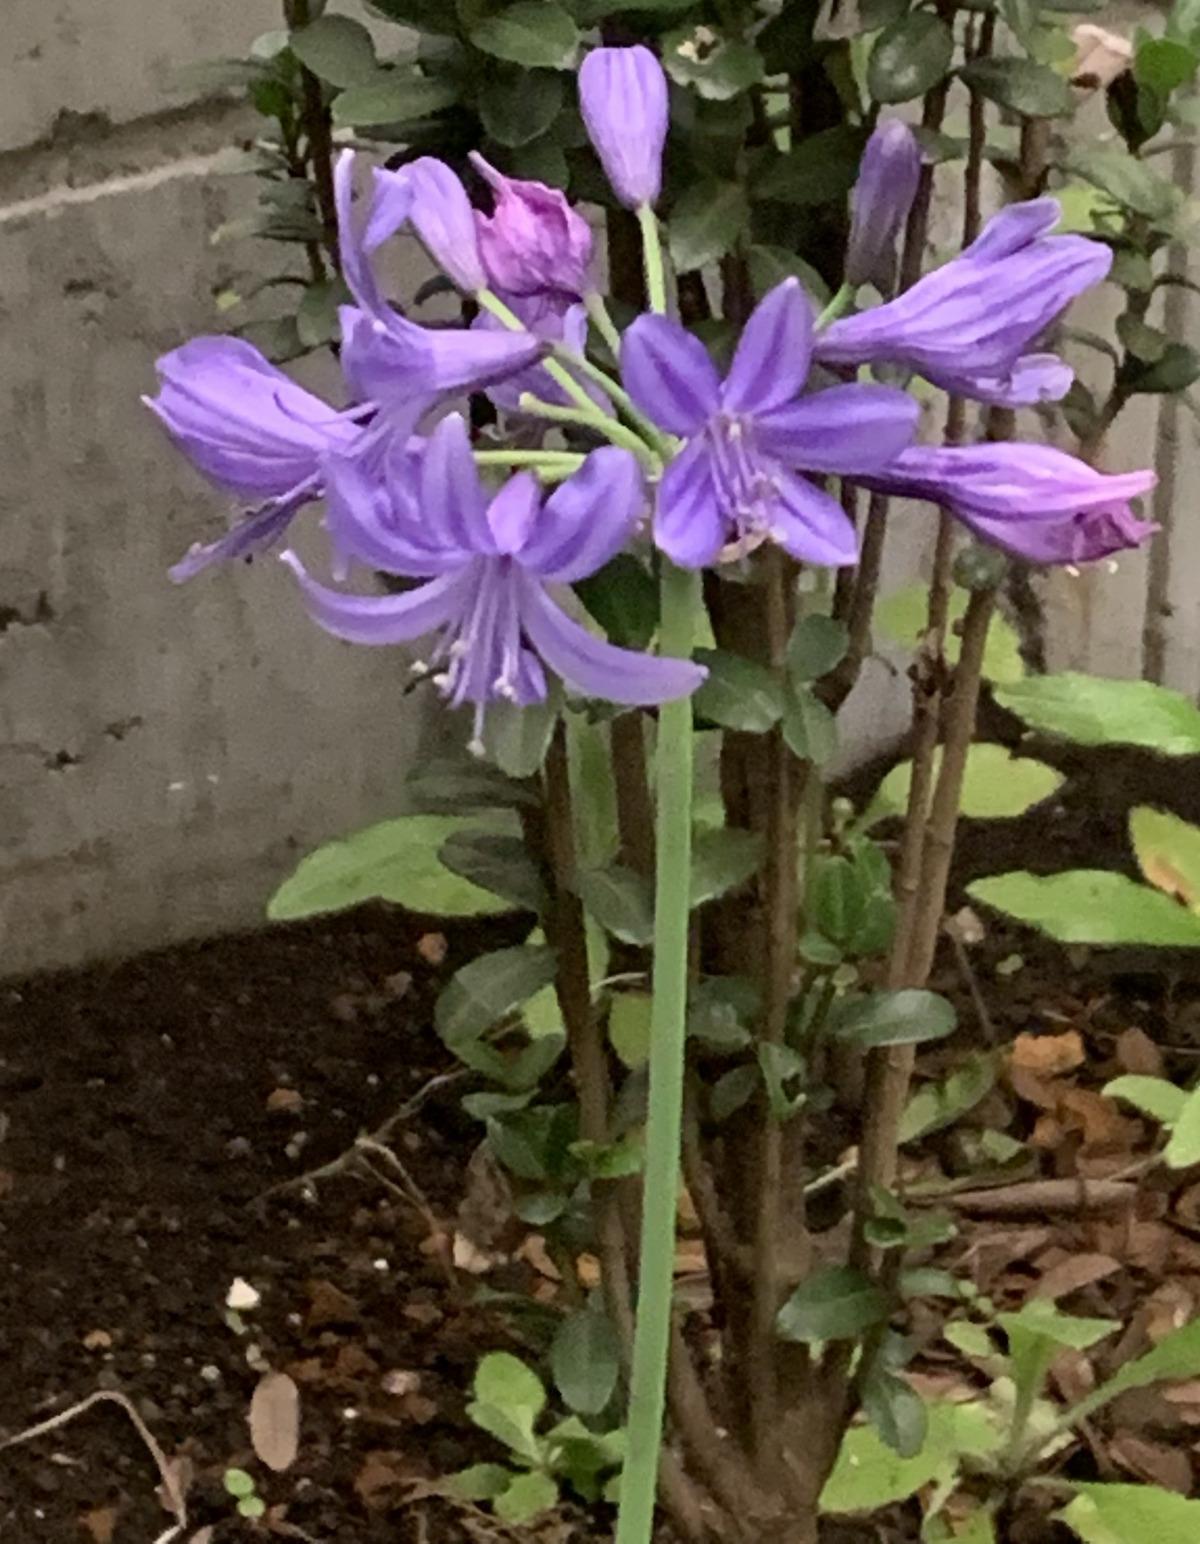 初夏に咲くアガパンサス・ピーターパンの花